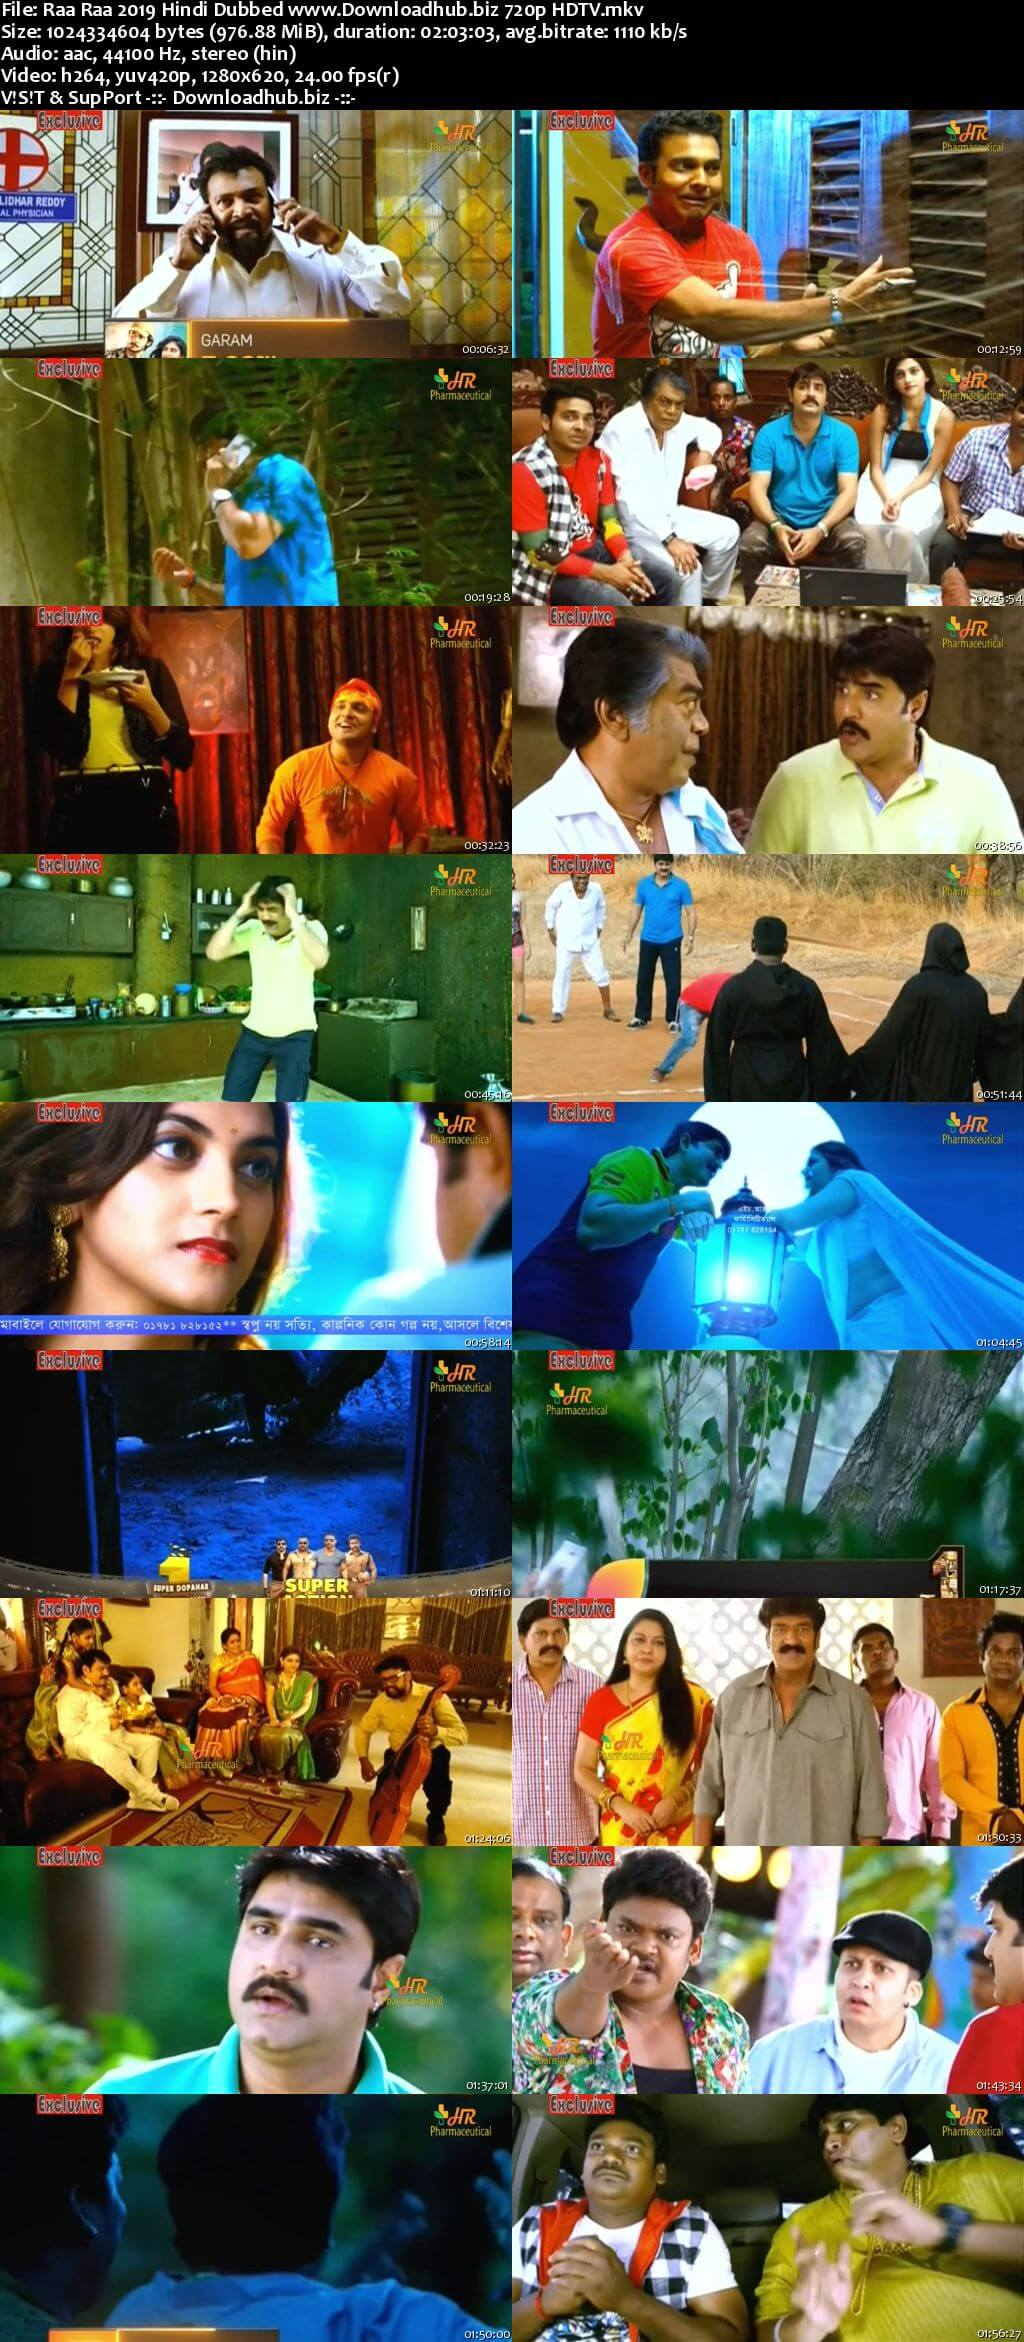 Raa Raa 2019 Hindi Dubbed 720p HDTV x264